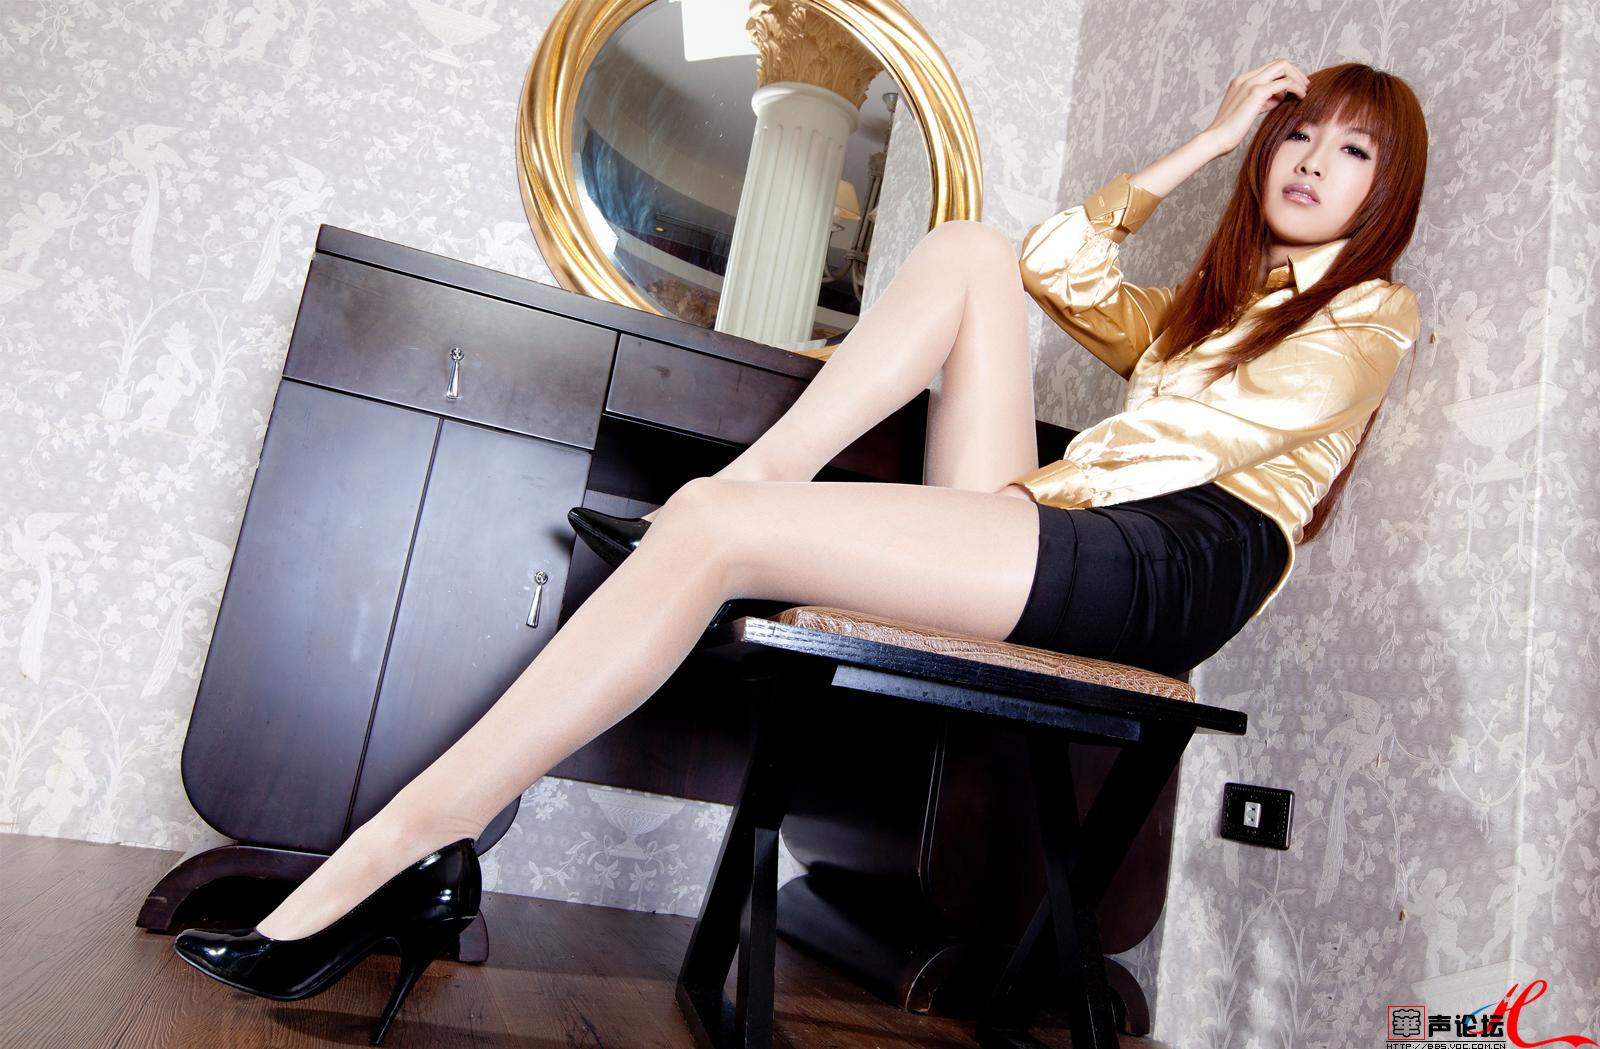 淫乱黑丝五月天成人_五月天电影导航; 最美的空姐高挑丝袜诱人写真; 蜜气质模特,图片尺寸